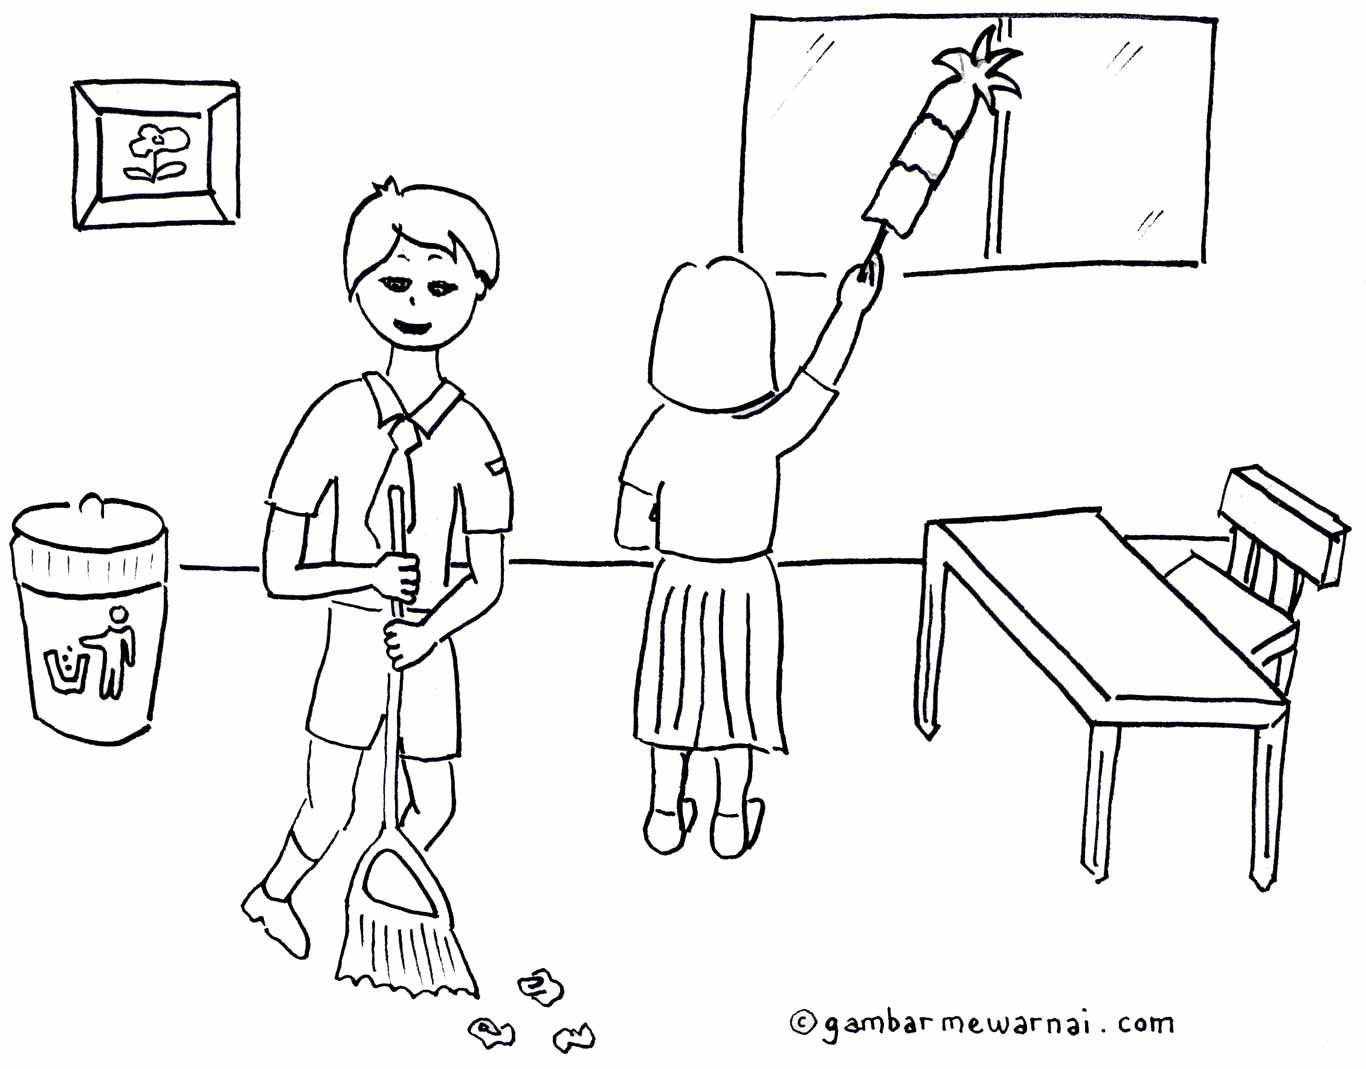 Gambar Mewarnai Kebersihan Lingkungan Sekolah Coloring For Kids Colouring Anton Kindergarten Projects